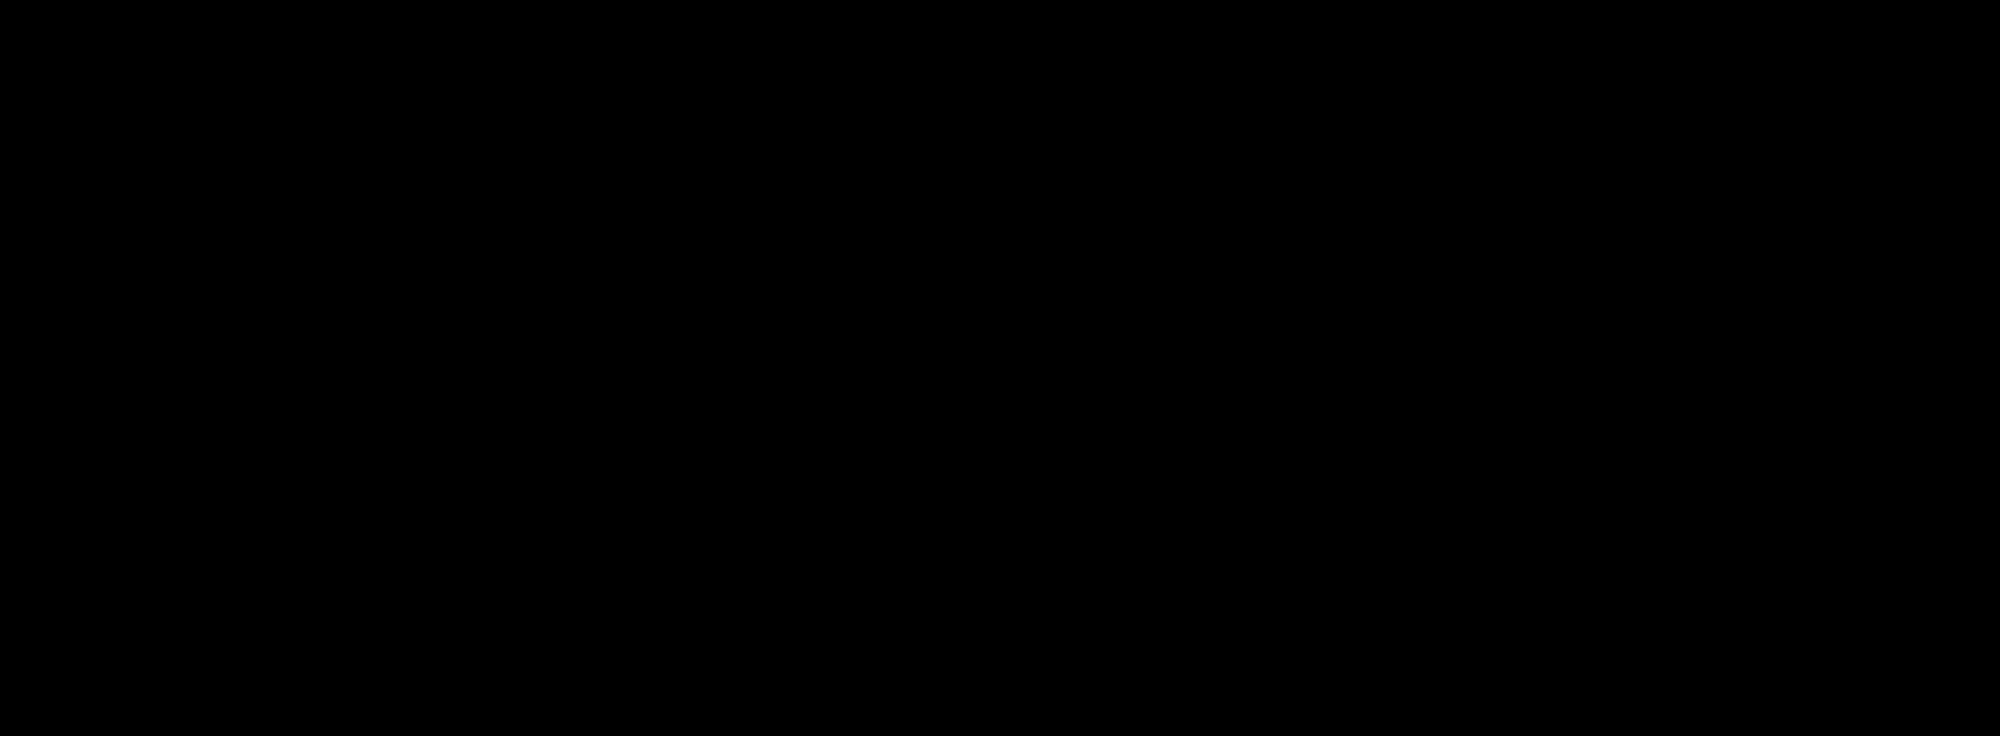 Tillspy.com-logo-black.png